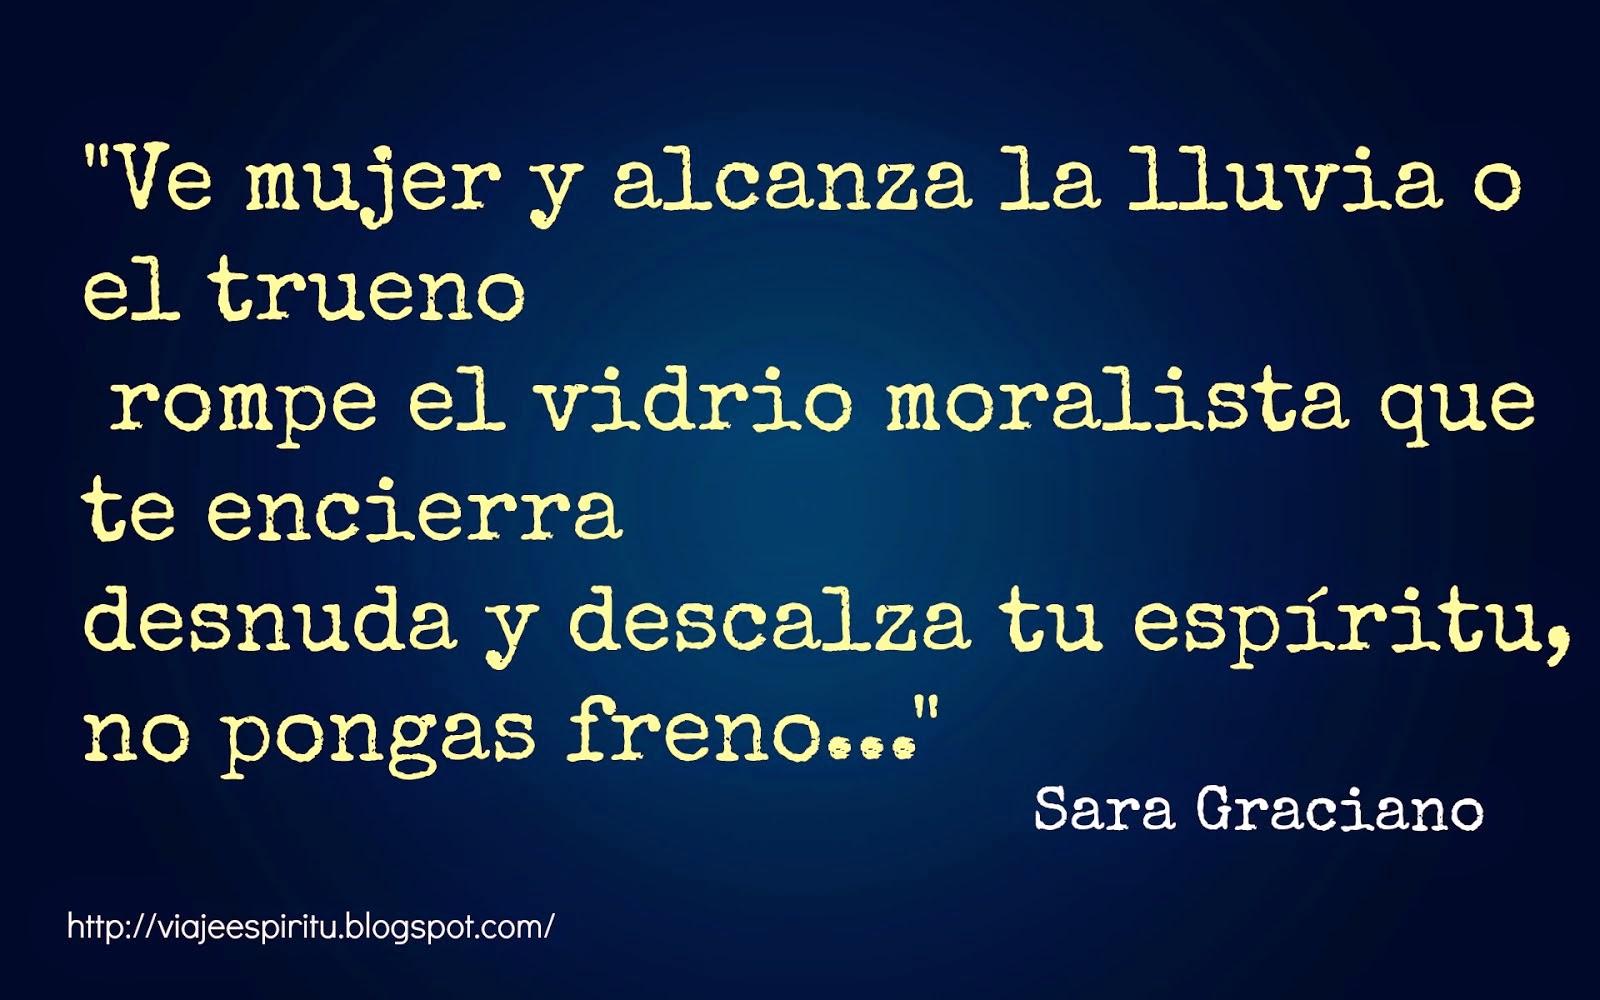 Ciclo, Sara Graciano